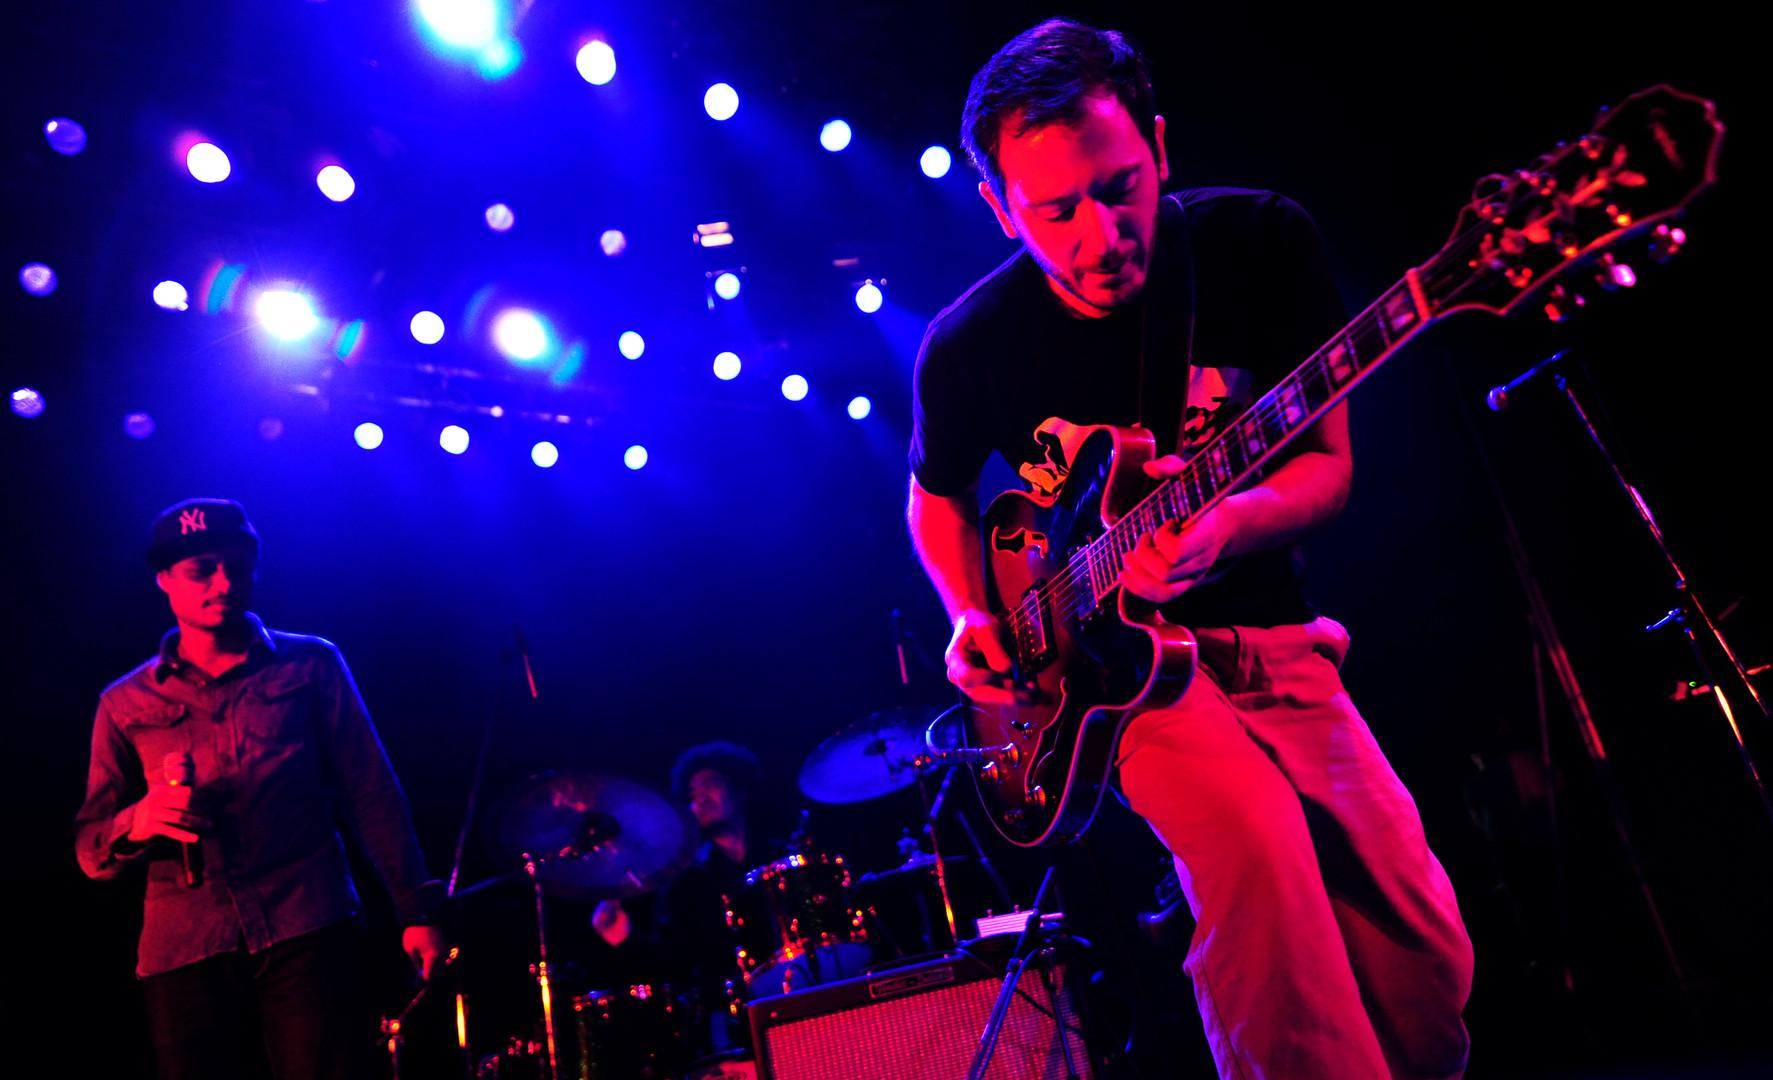 Japan w/ Jose James & J.A.M